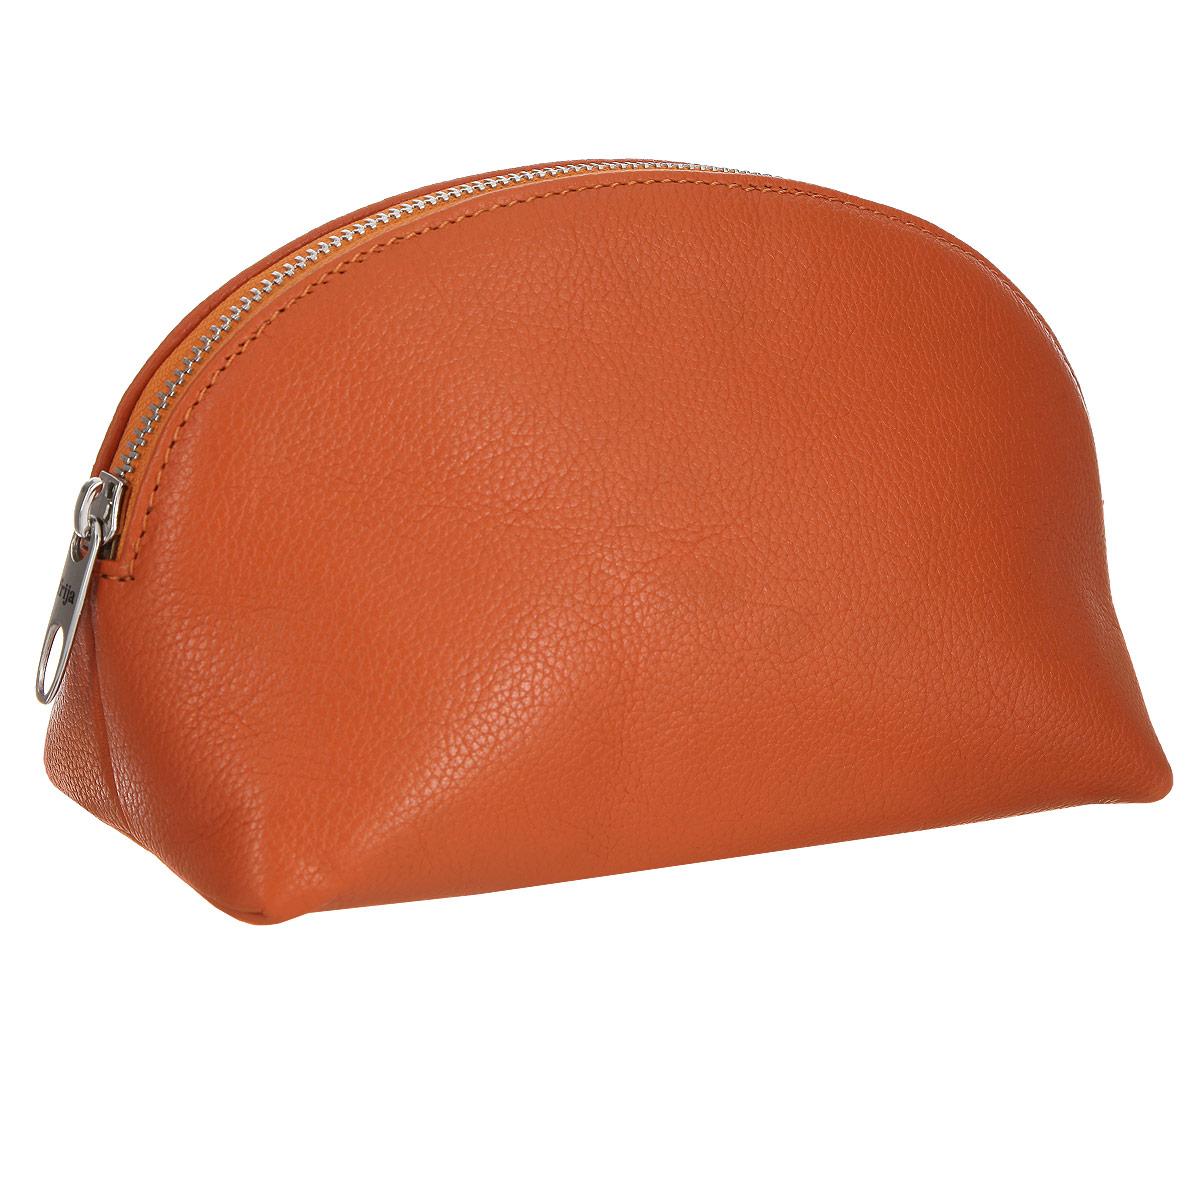 Косметичка Frija, цвет: оранжевый. 21-278-1421-278-14Косметичка Frija изготовлена из высококачественной натуральной кожи и оформлена зернистым тиснением. Внутренняя поверхность отделана шелковистым текстилем. Закрывается косметичка на застежку-молнию. Косметичка имеет жесткую конструкцию. Этот яркий стильный аксессуар дополнит ваш образ и станет незаменимой вещью для хранения косметики.